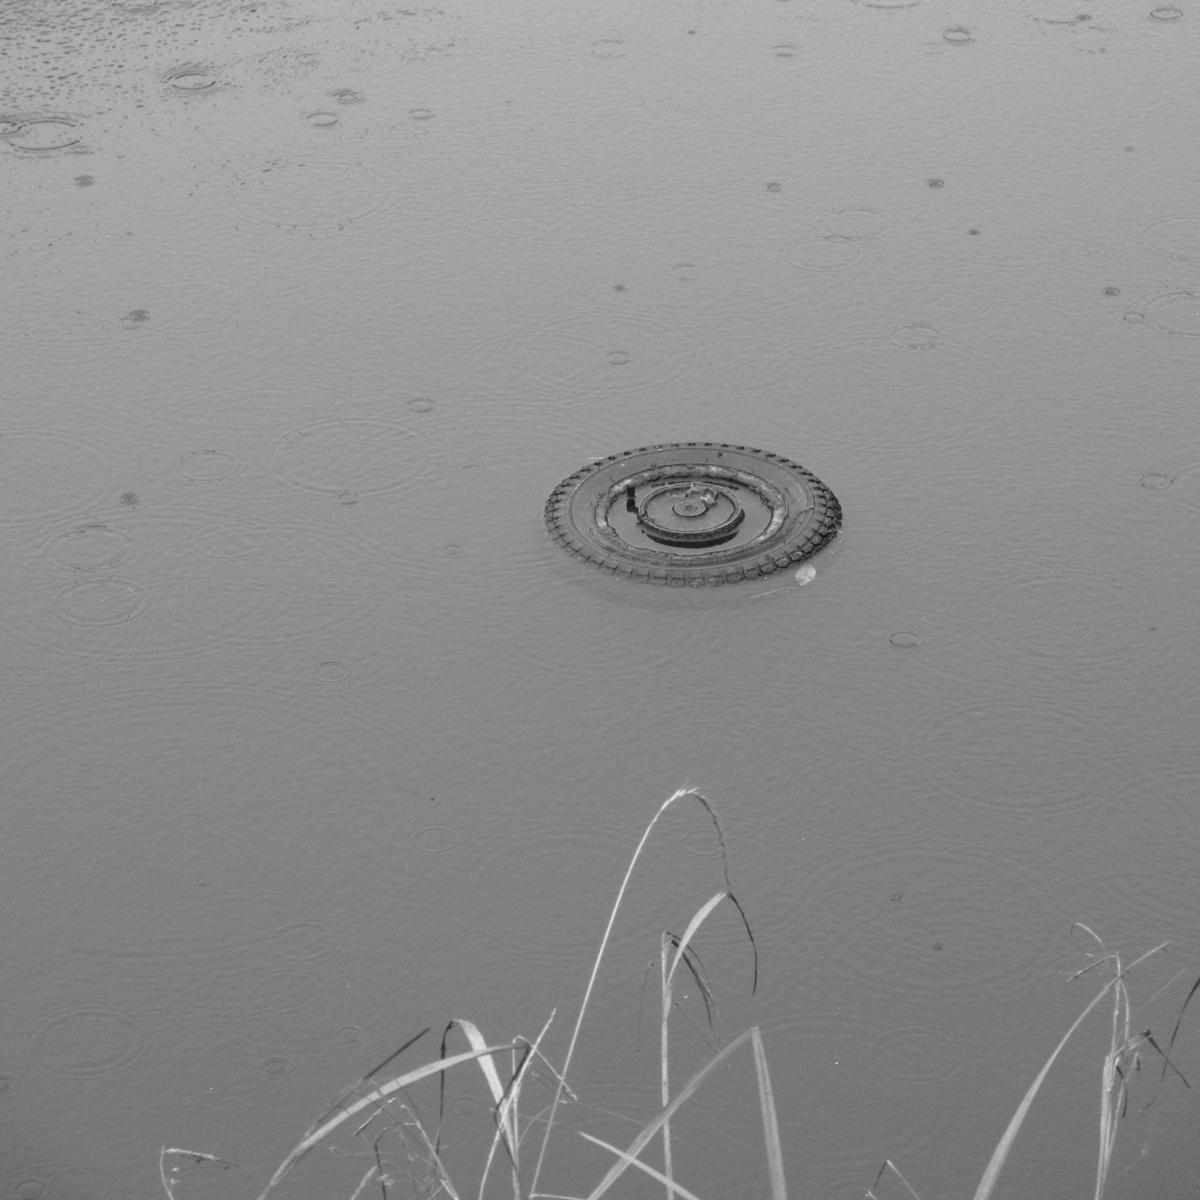 雨の日20150704 (13)